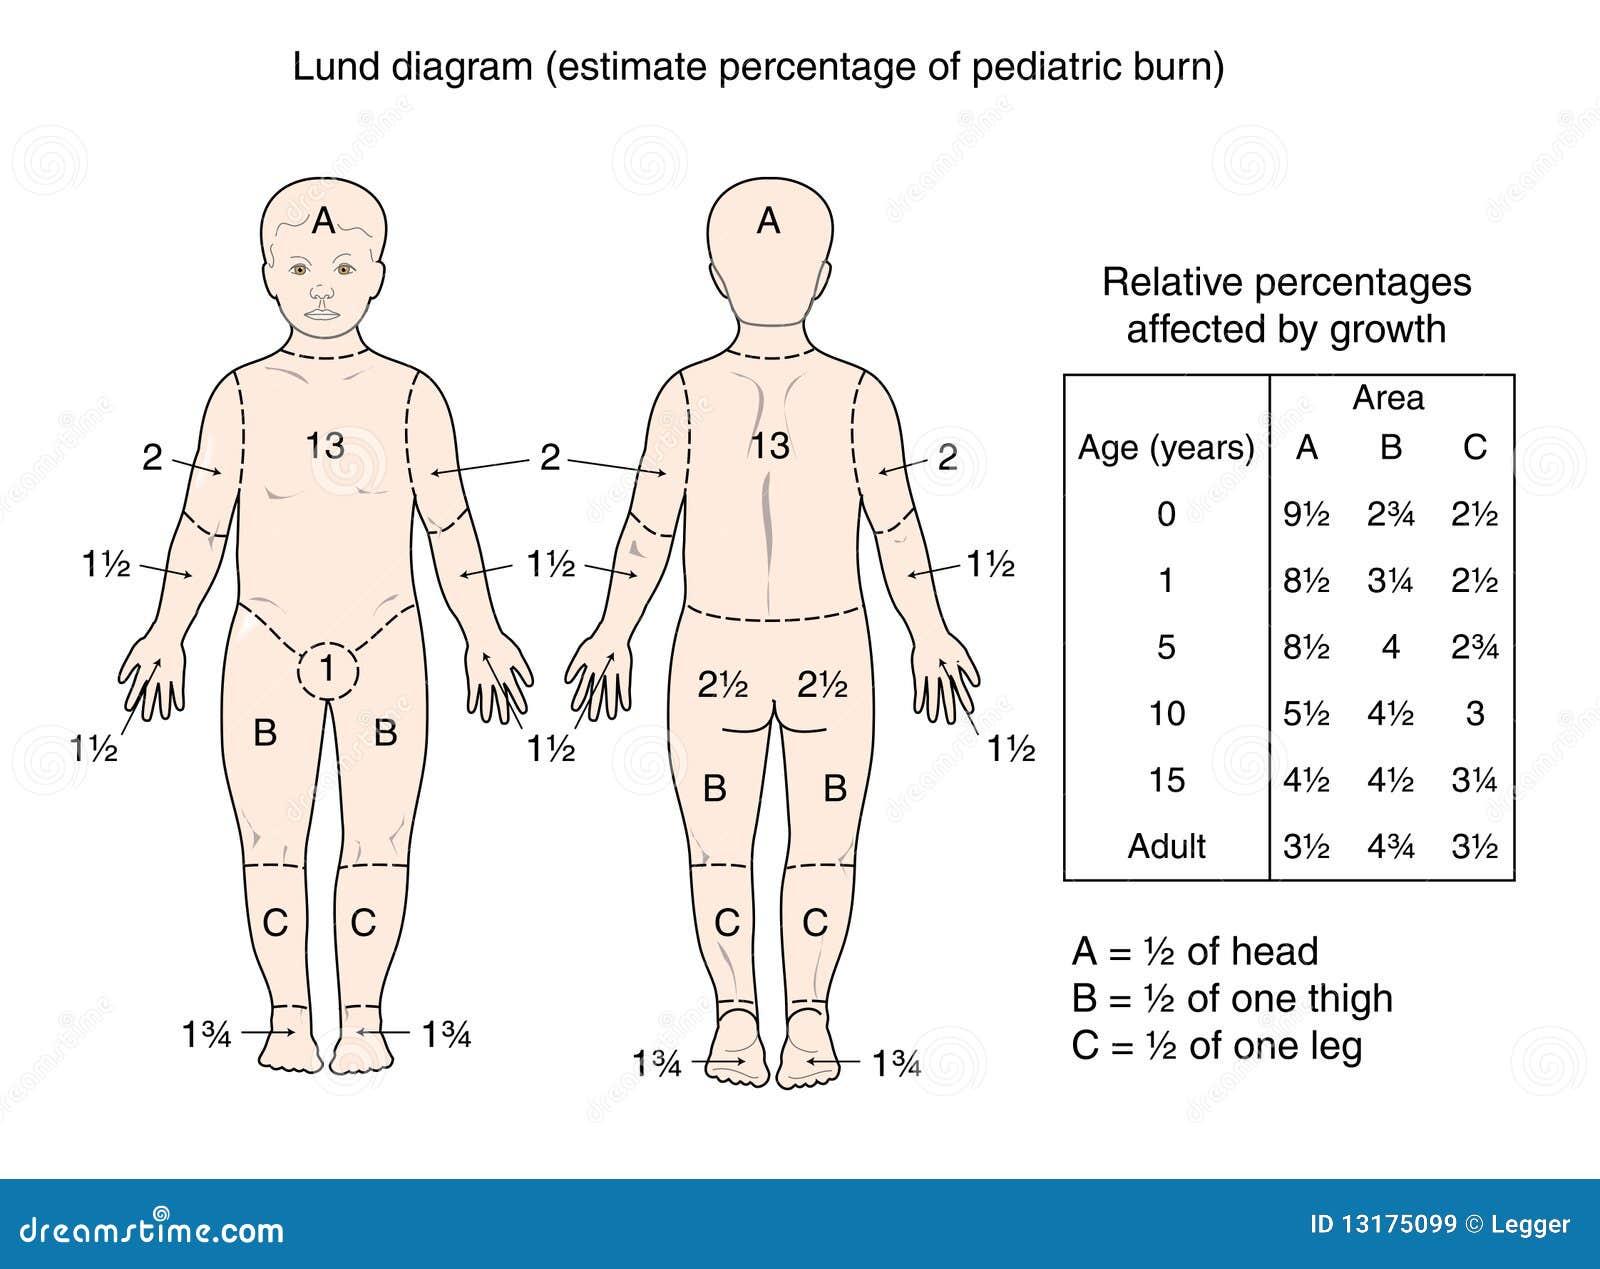 διάγραμμα Lund